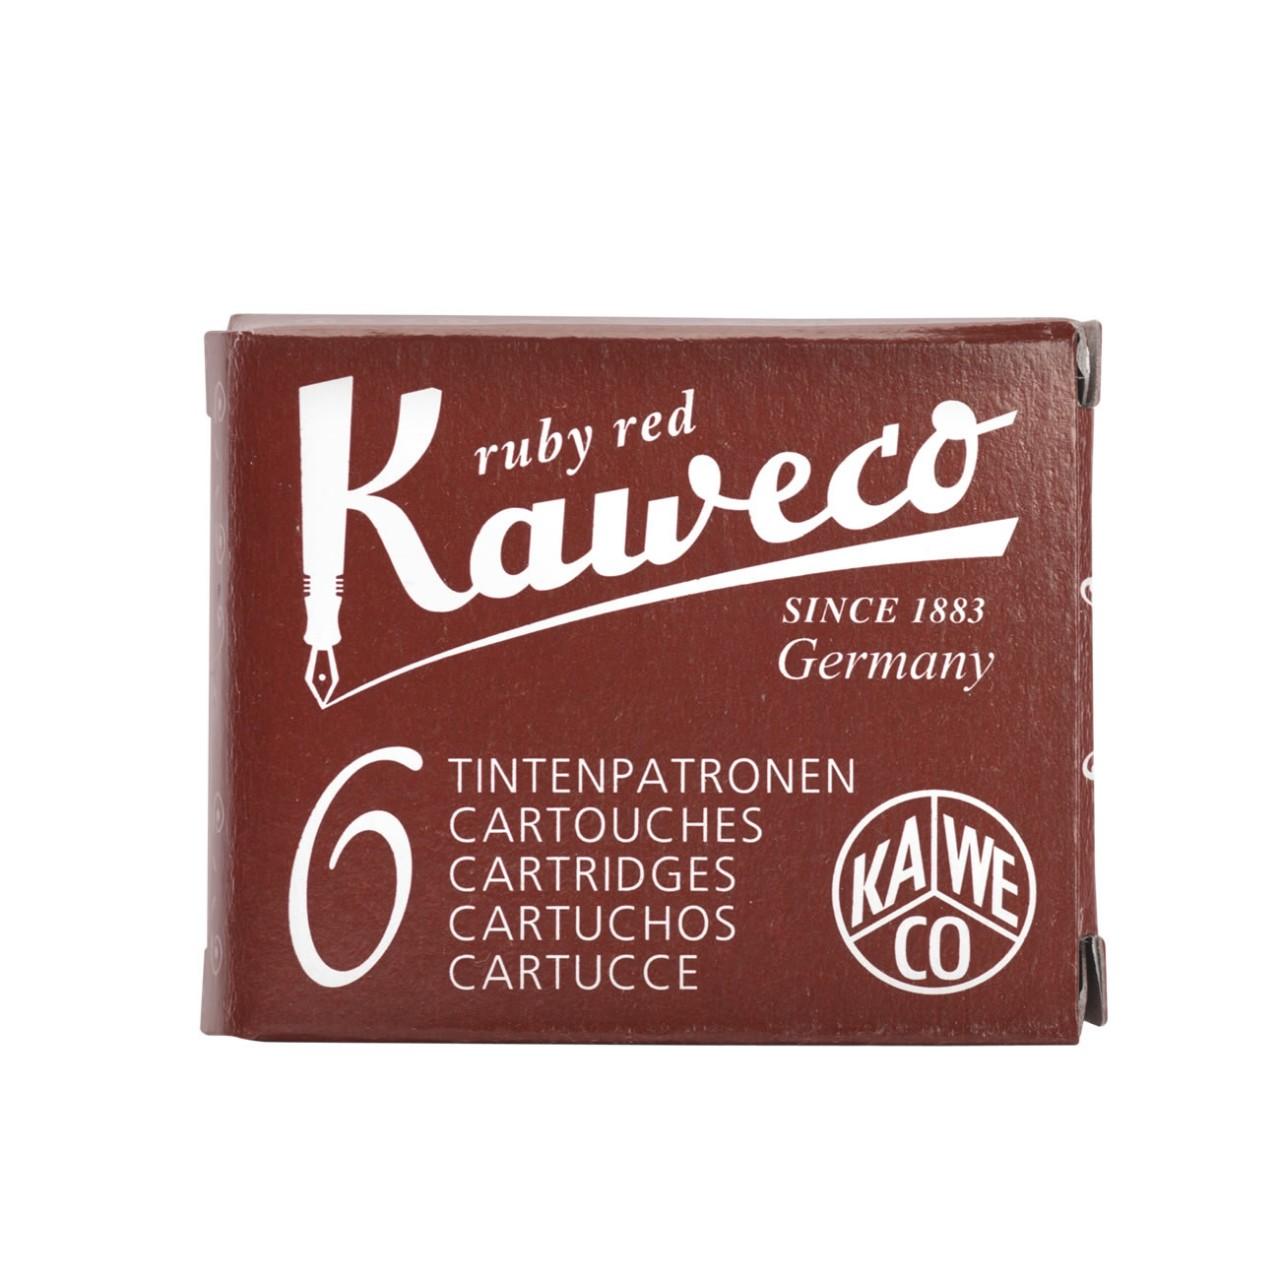 Kaweco Tintenpatronen 6 Stück rubinrot VE=20 Pack